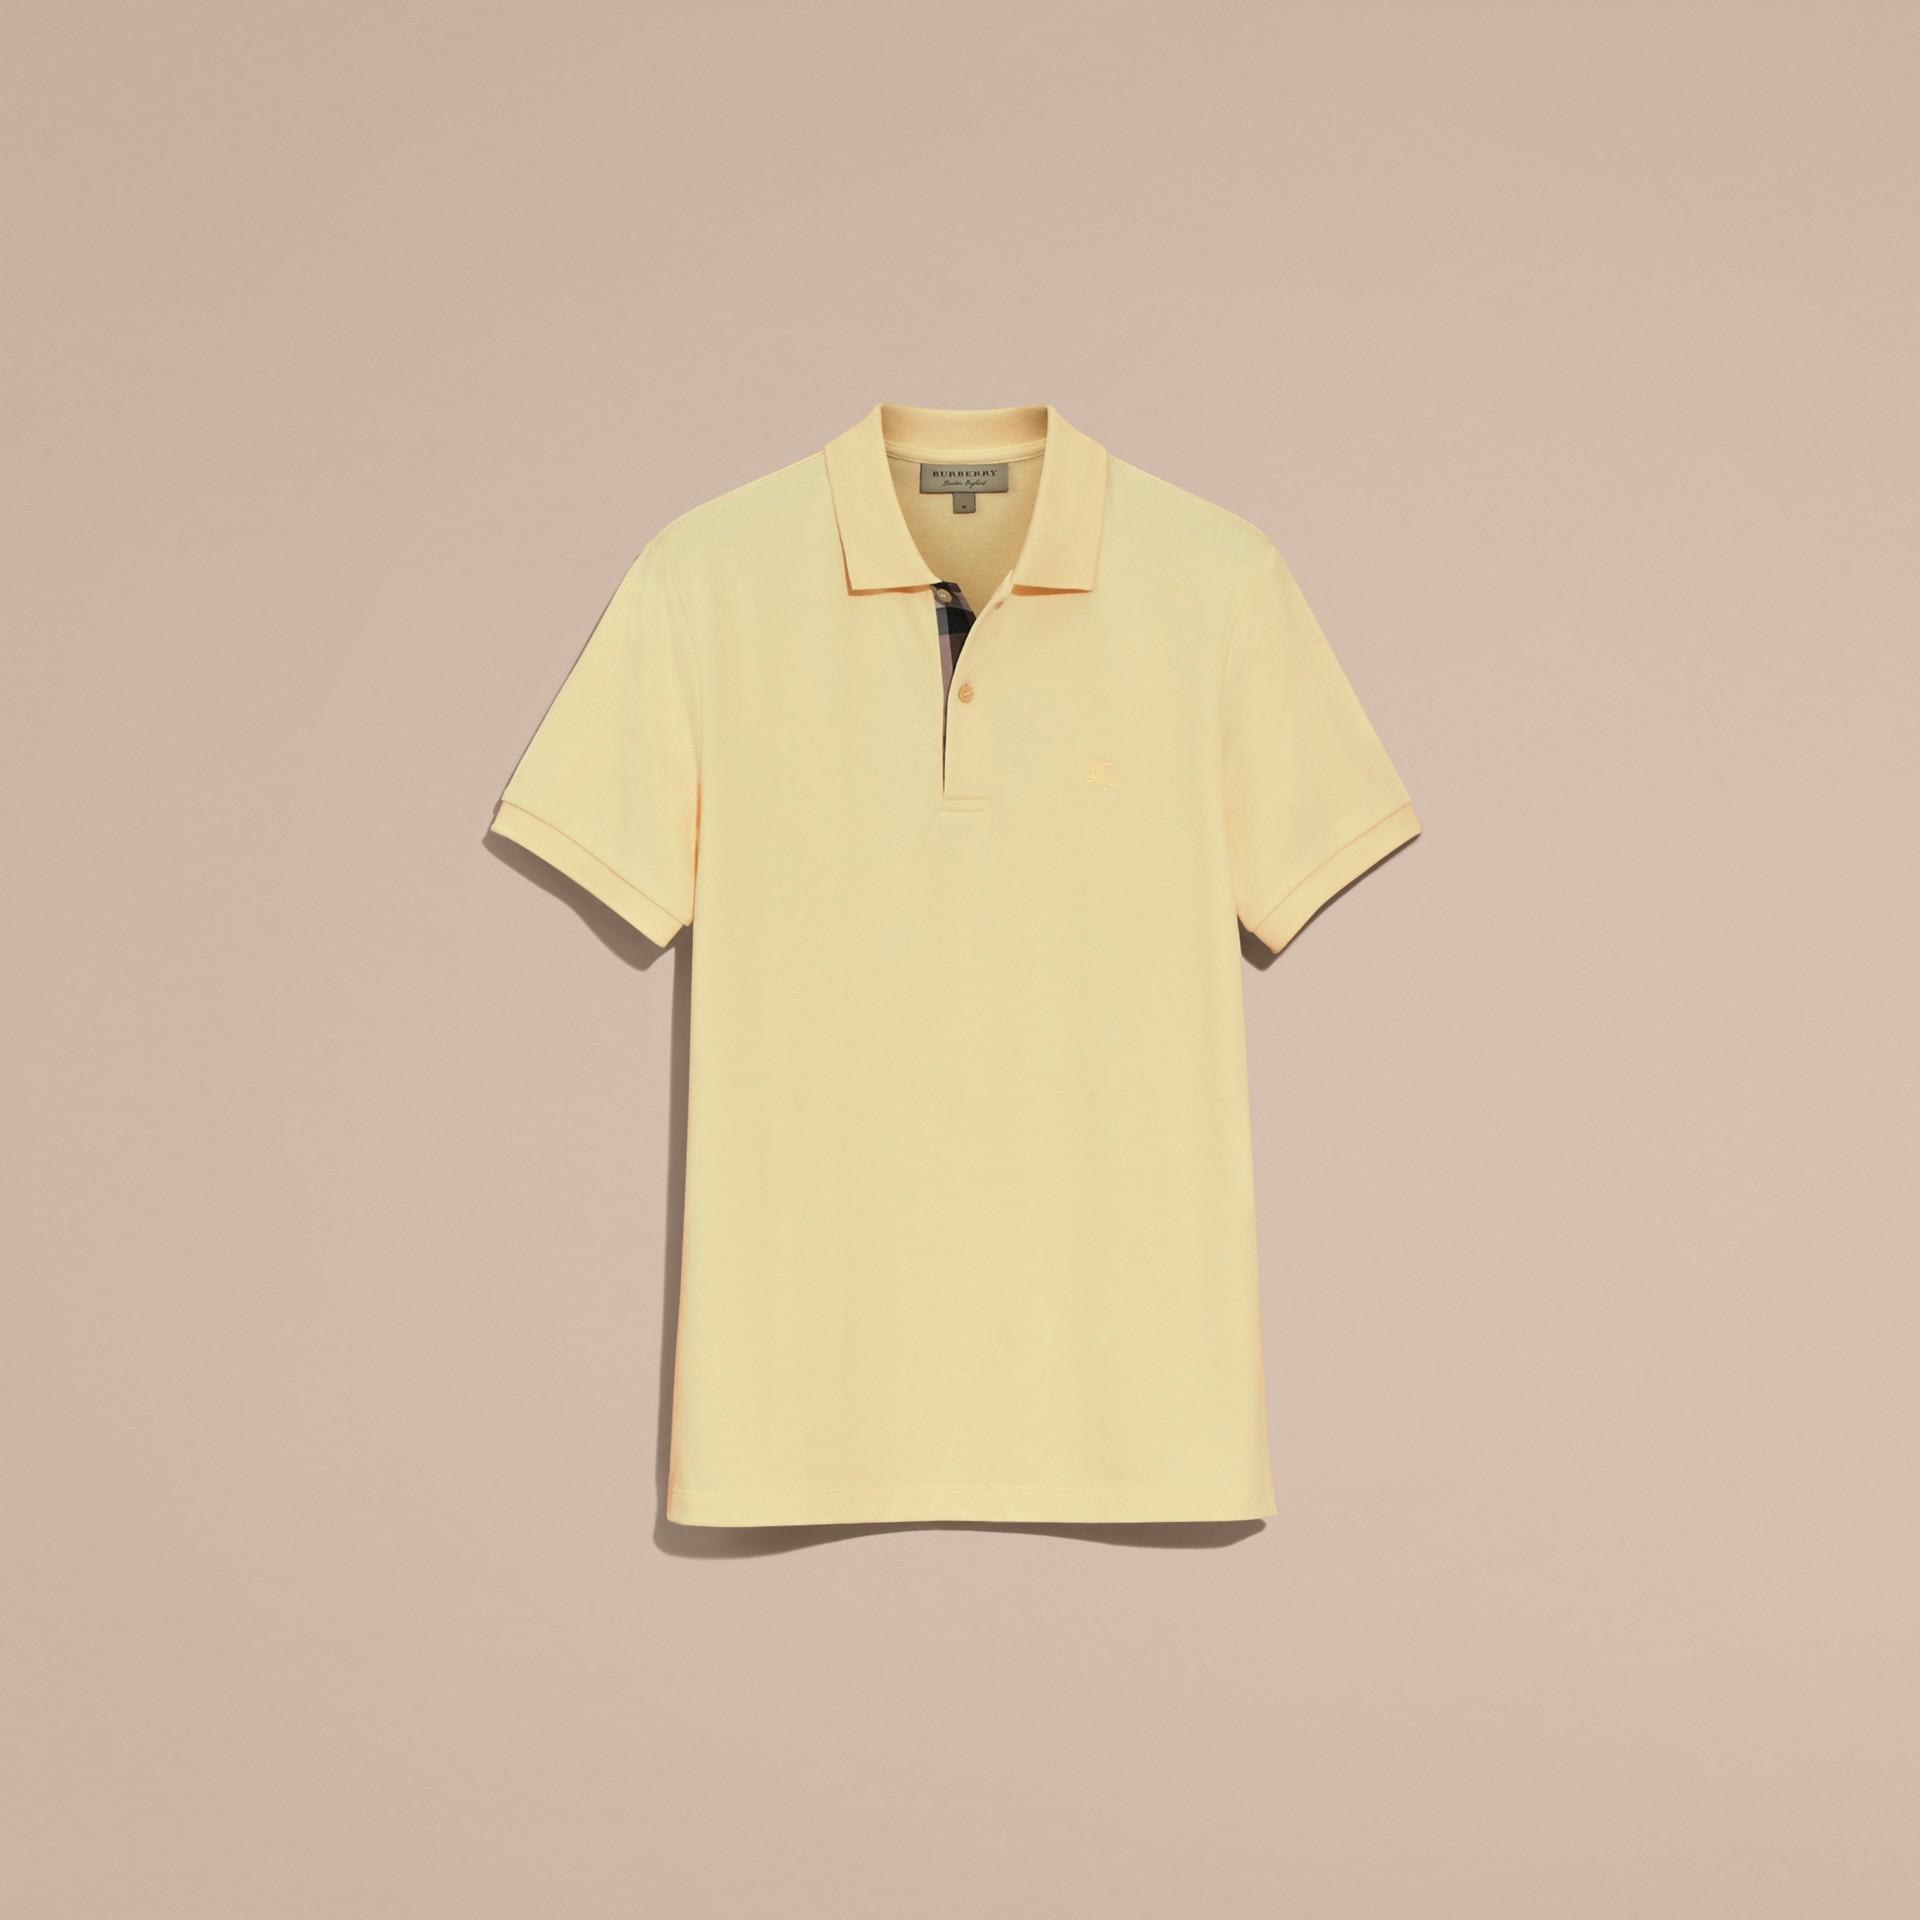 チェックプラケット コットンピケ ポロシャツ (バニライエロー) - メンズ | バーバリー - ギャラリーイメージ 4